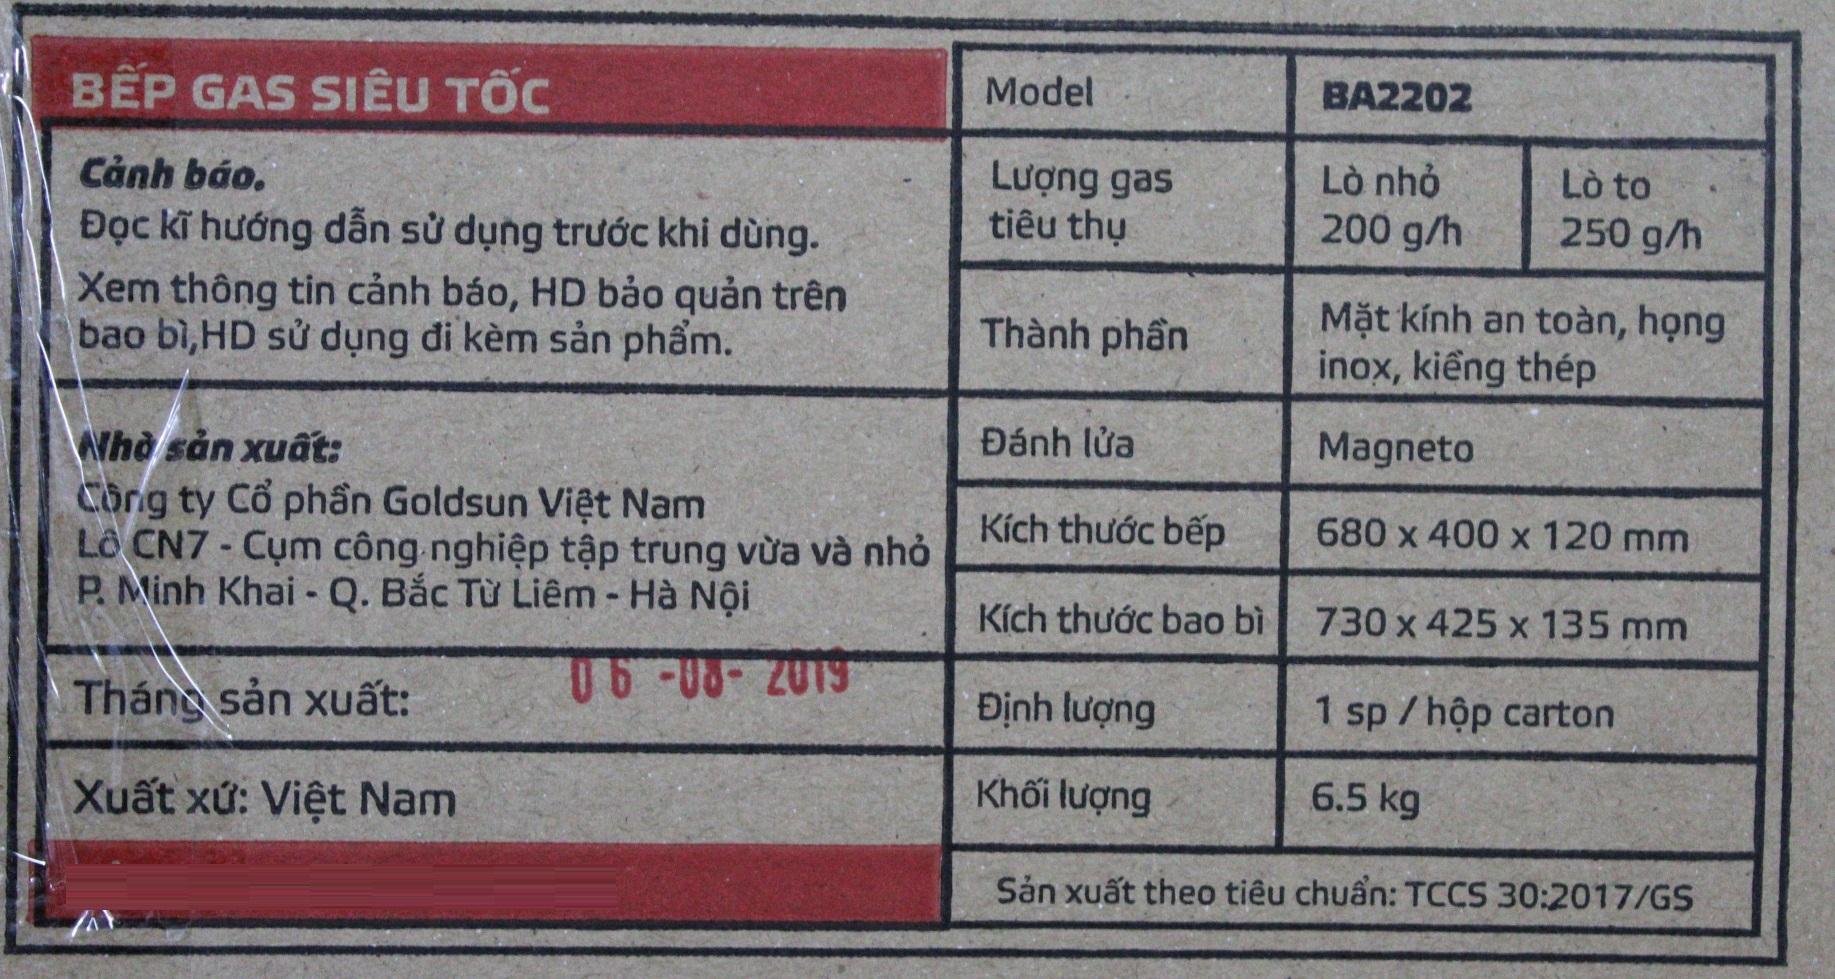 Bếp Gas Dương Đôi Siêu Tốc Mặt Kính Goldsun BA2202 - Chính Hãng